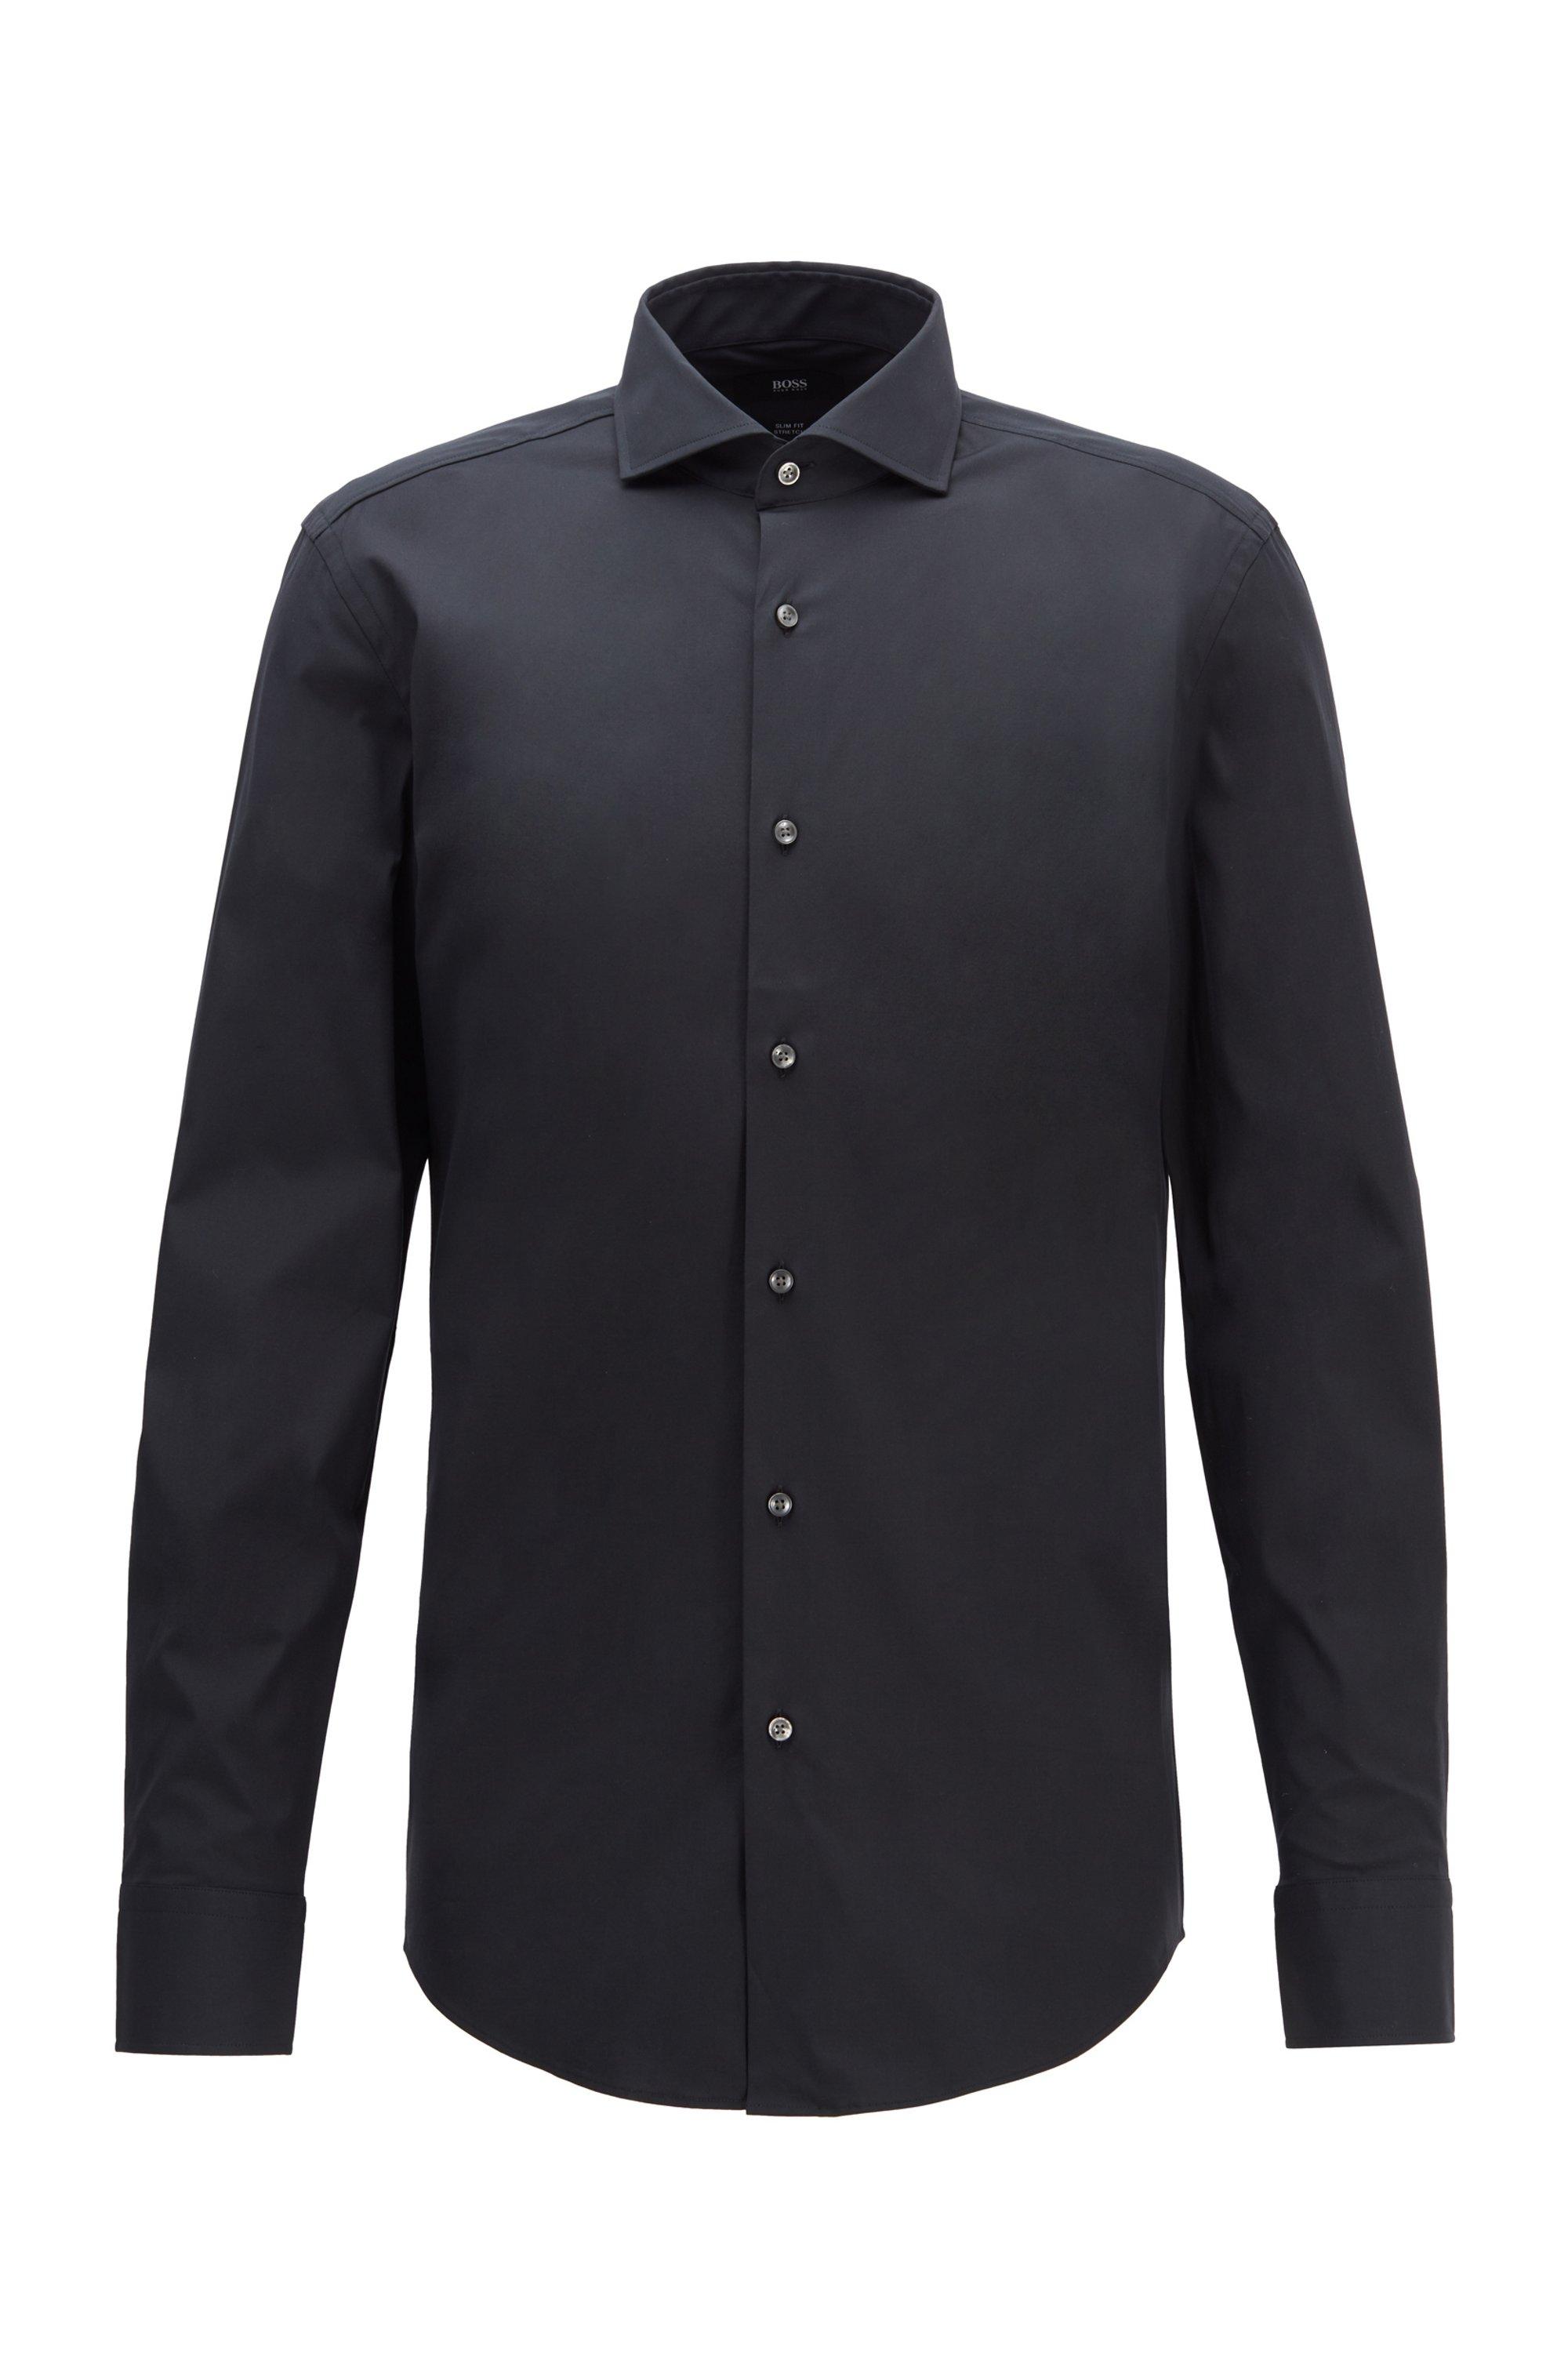 Slim-Fit Hemd aus elastischer Baumwoll-Popeline, Schwarz